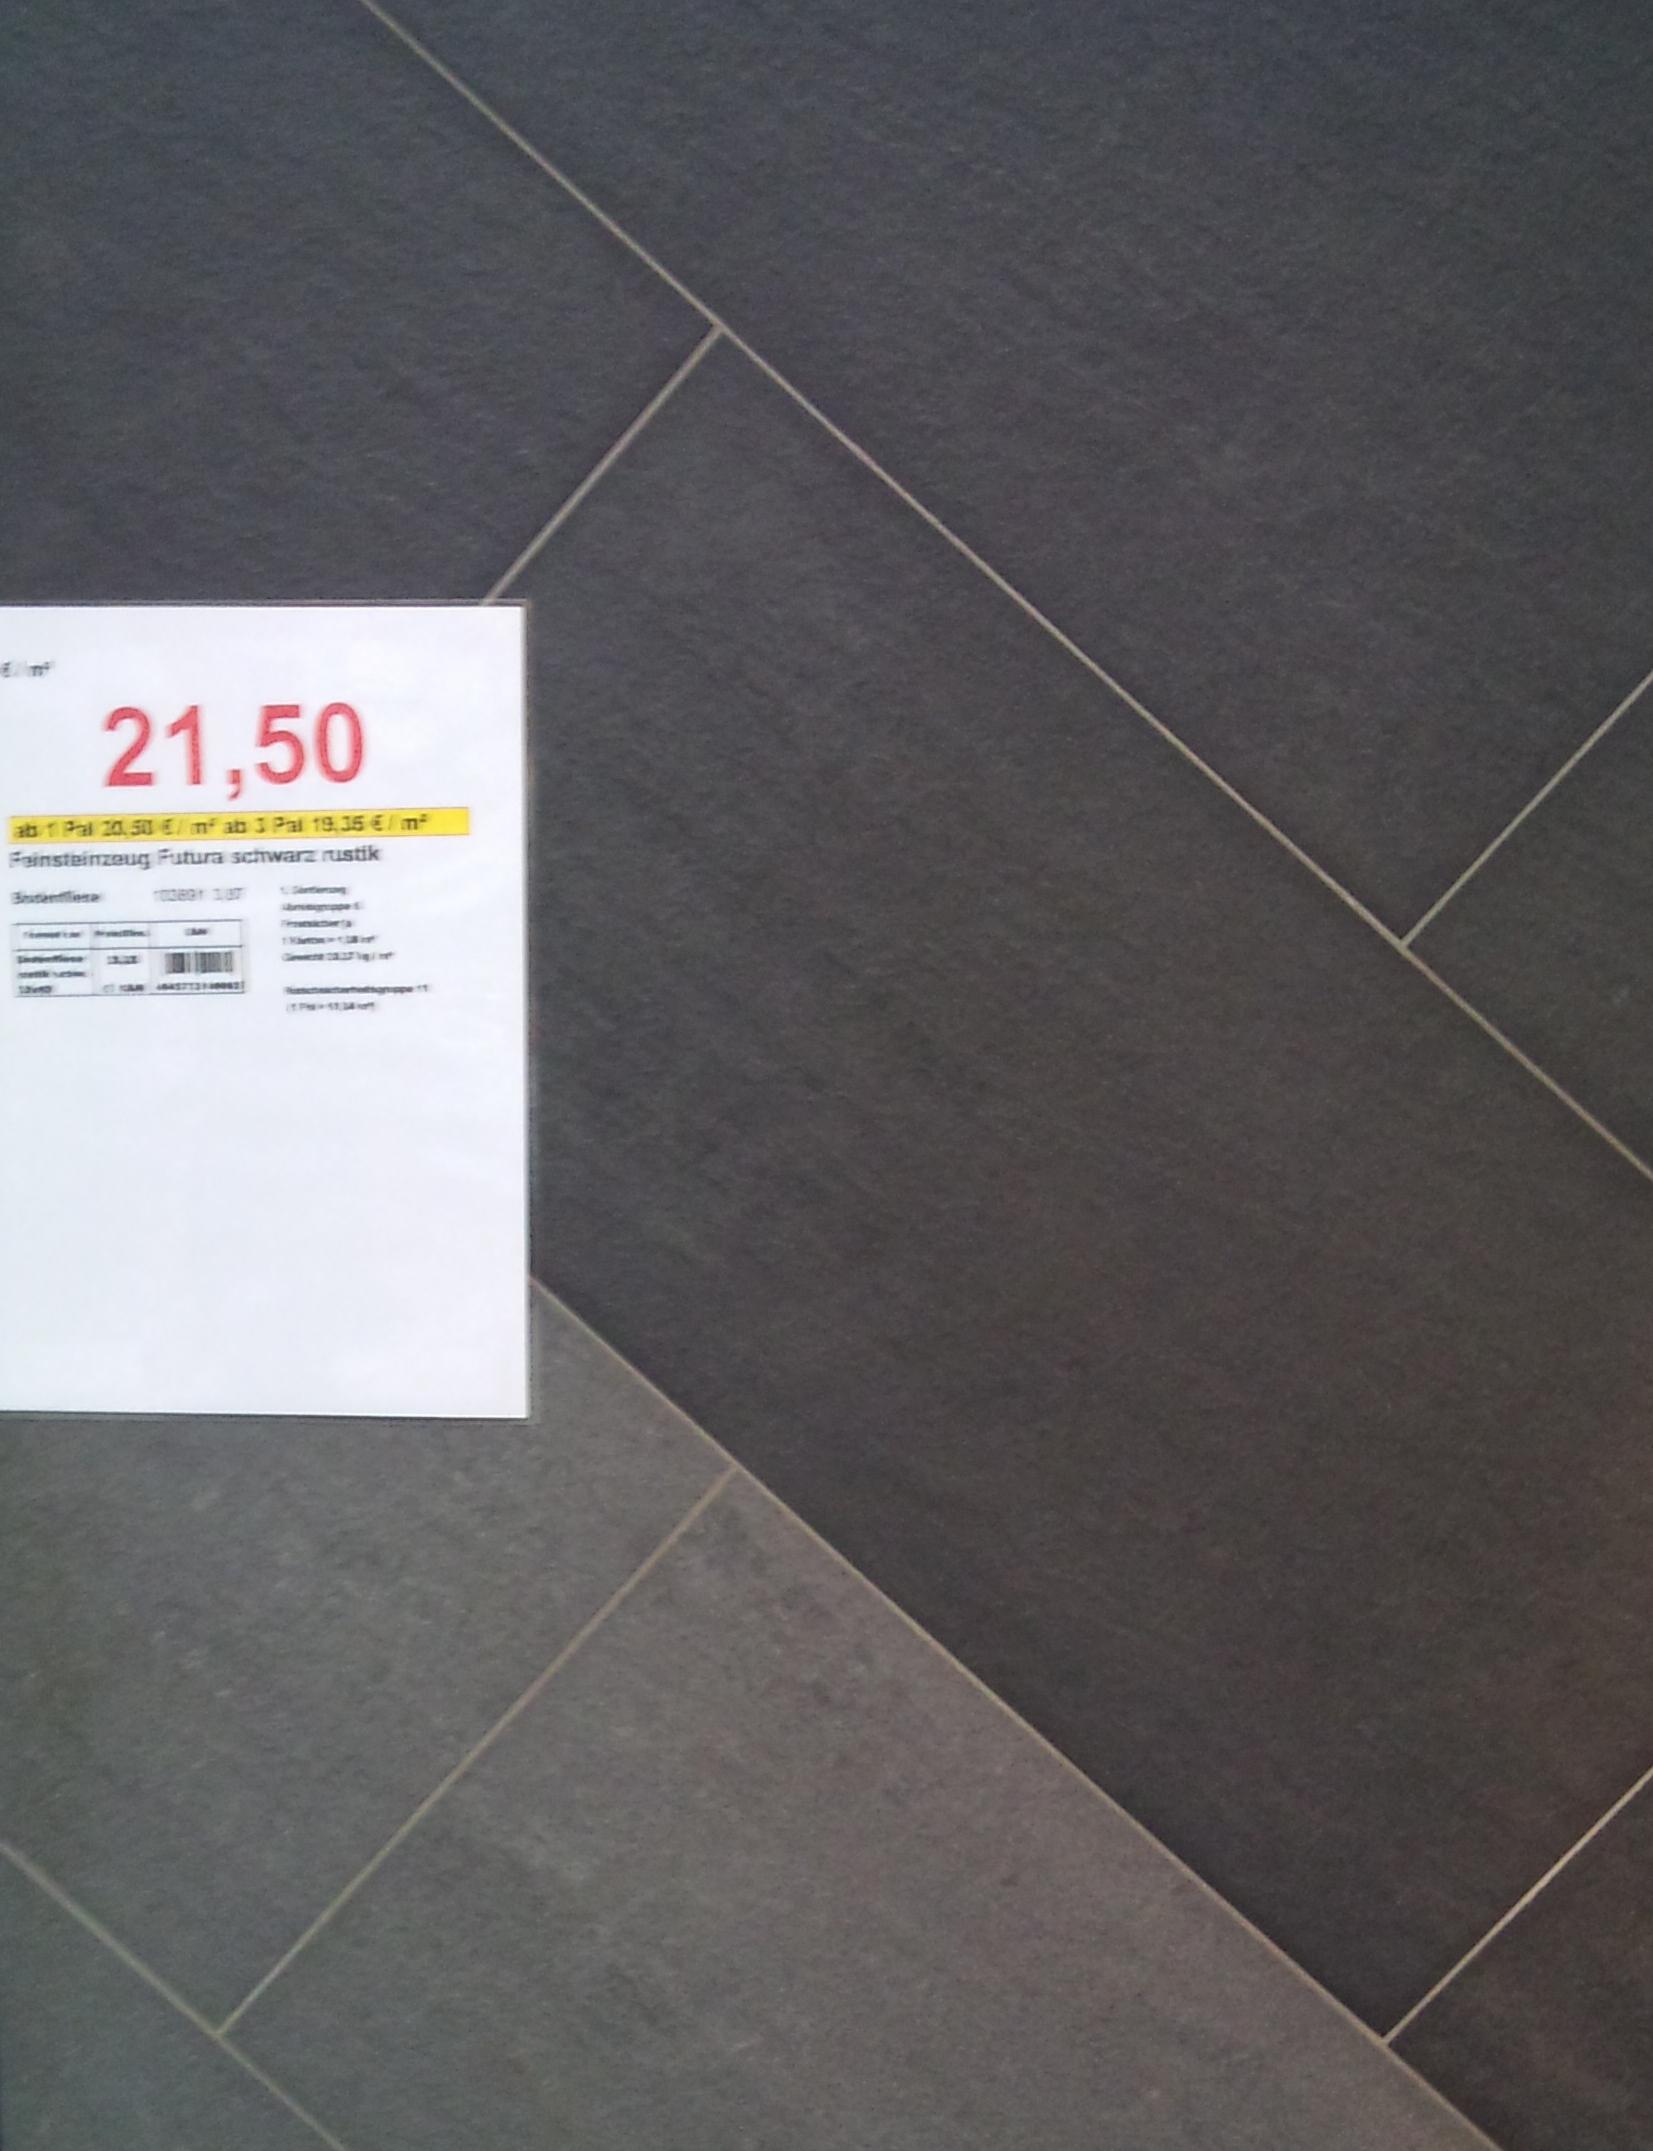 Full Size of Bodenfliesen Bauhaus Bautagebuch Fronhoven Feinsteinzeug Im Küche Bad Fenster Wohnzimmer Bodenfliesen Bauhaus